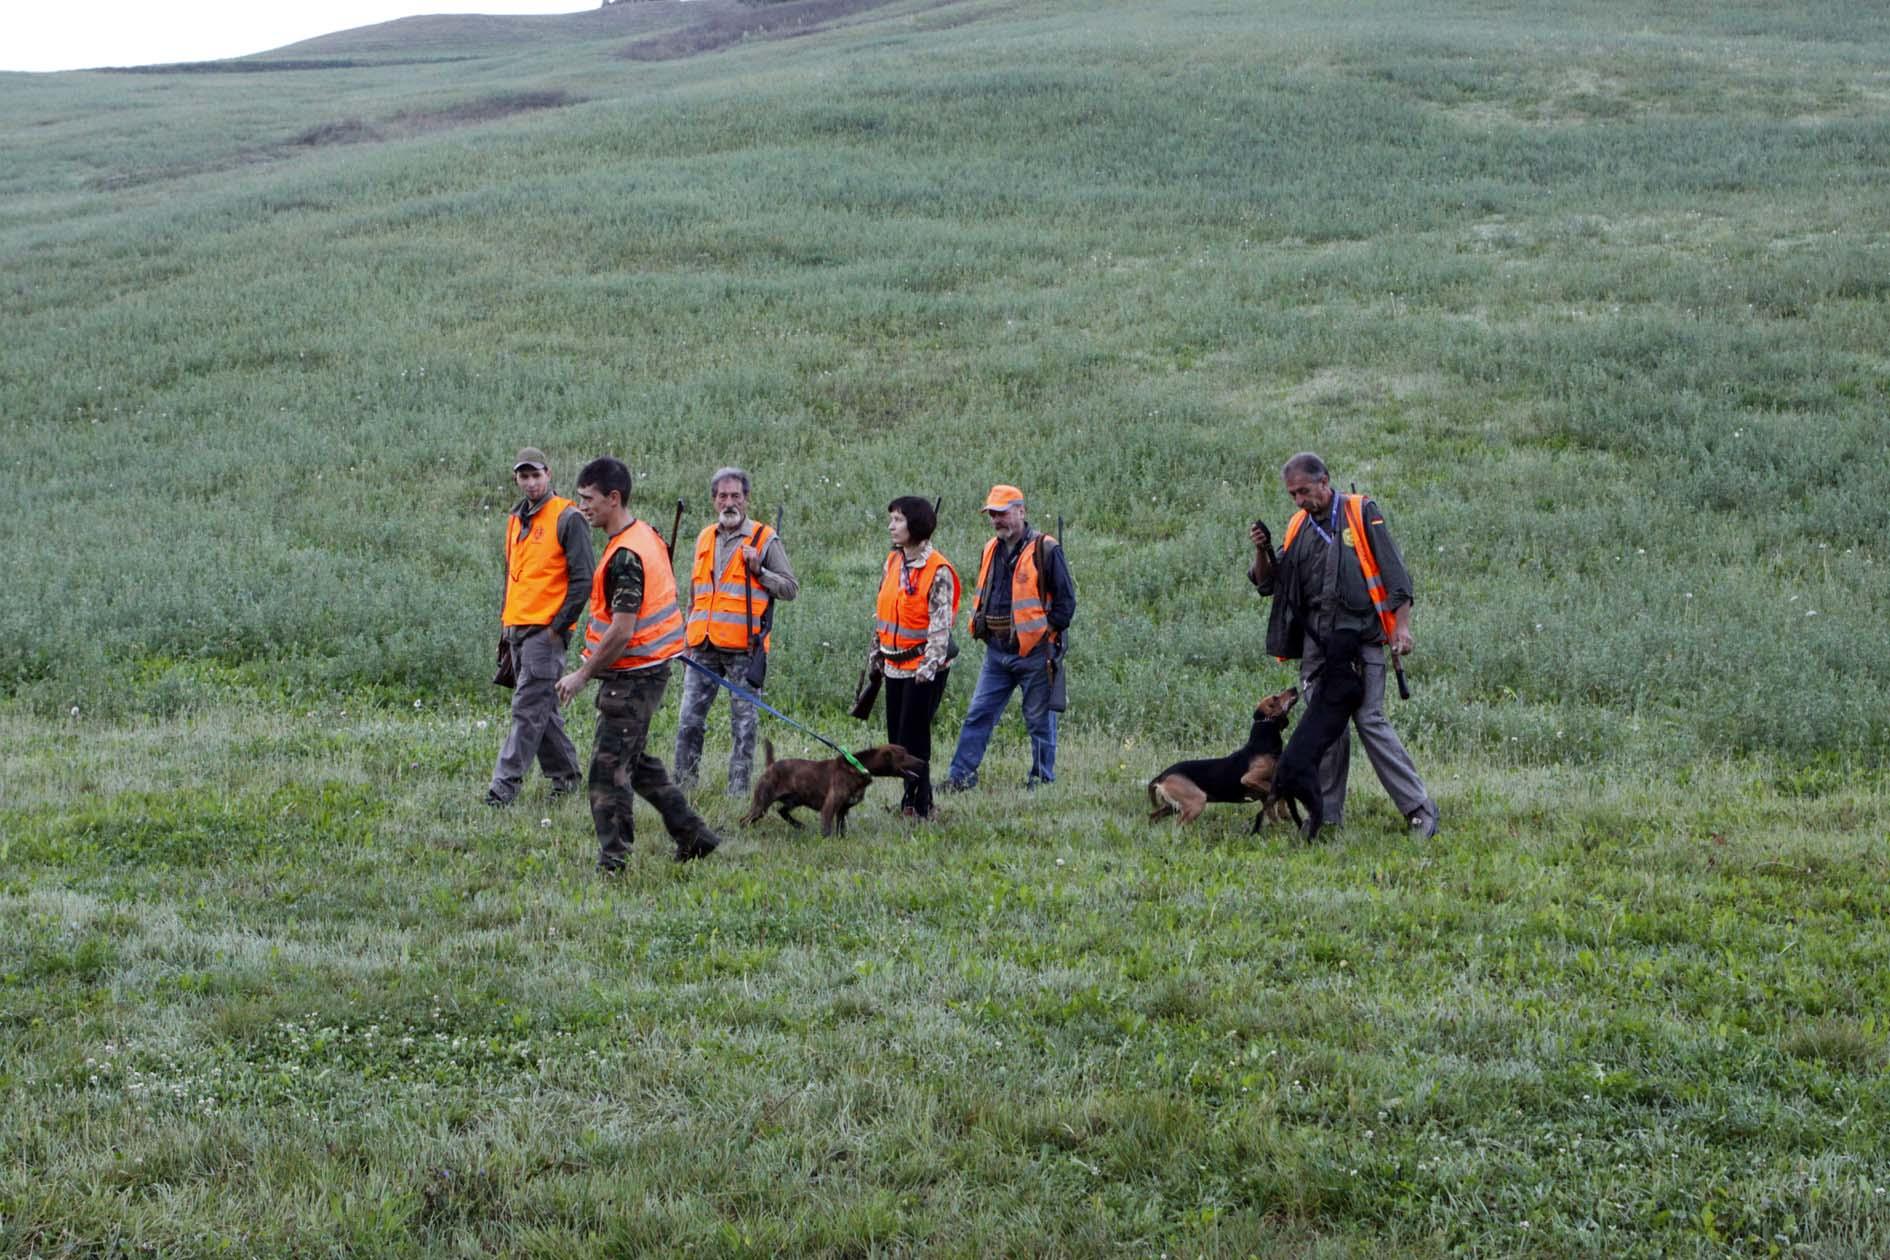 Solidarietà agli alluvionati, slitta l'avvio della stagione di caccia